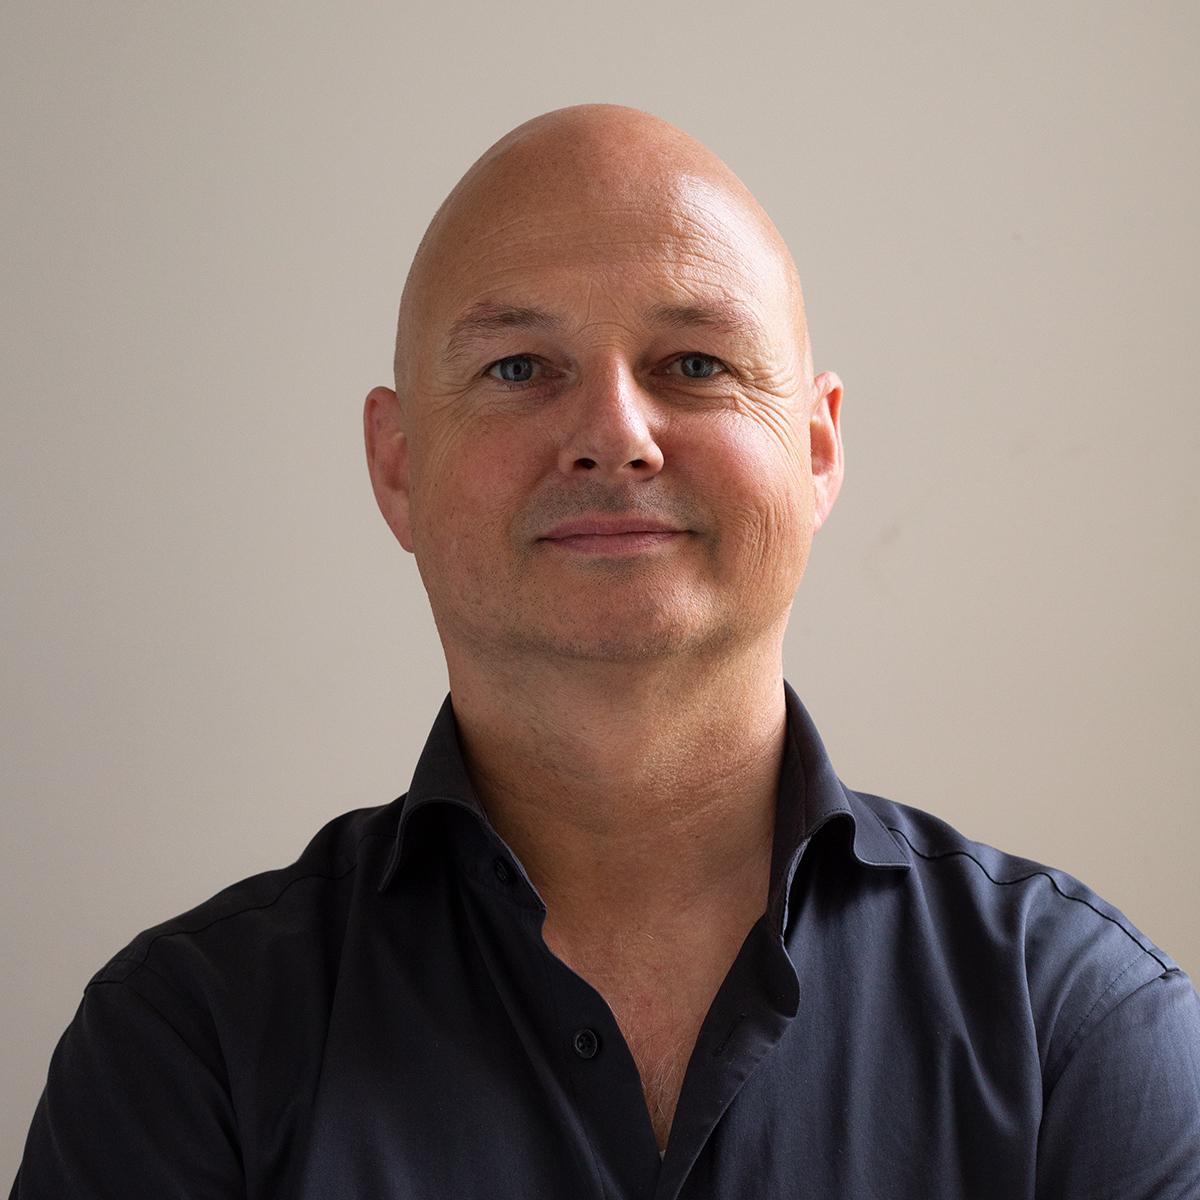 Piet van der Meer @ Lapanouse